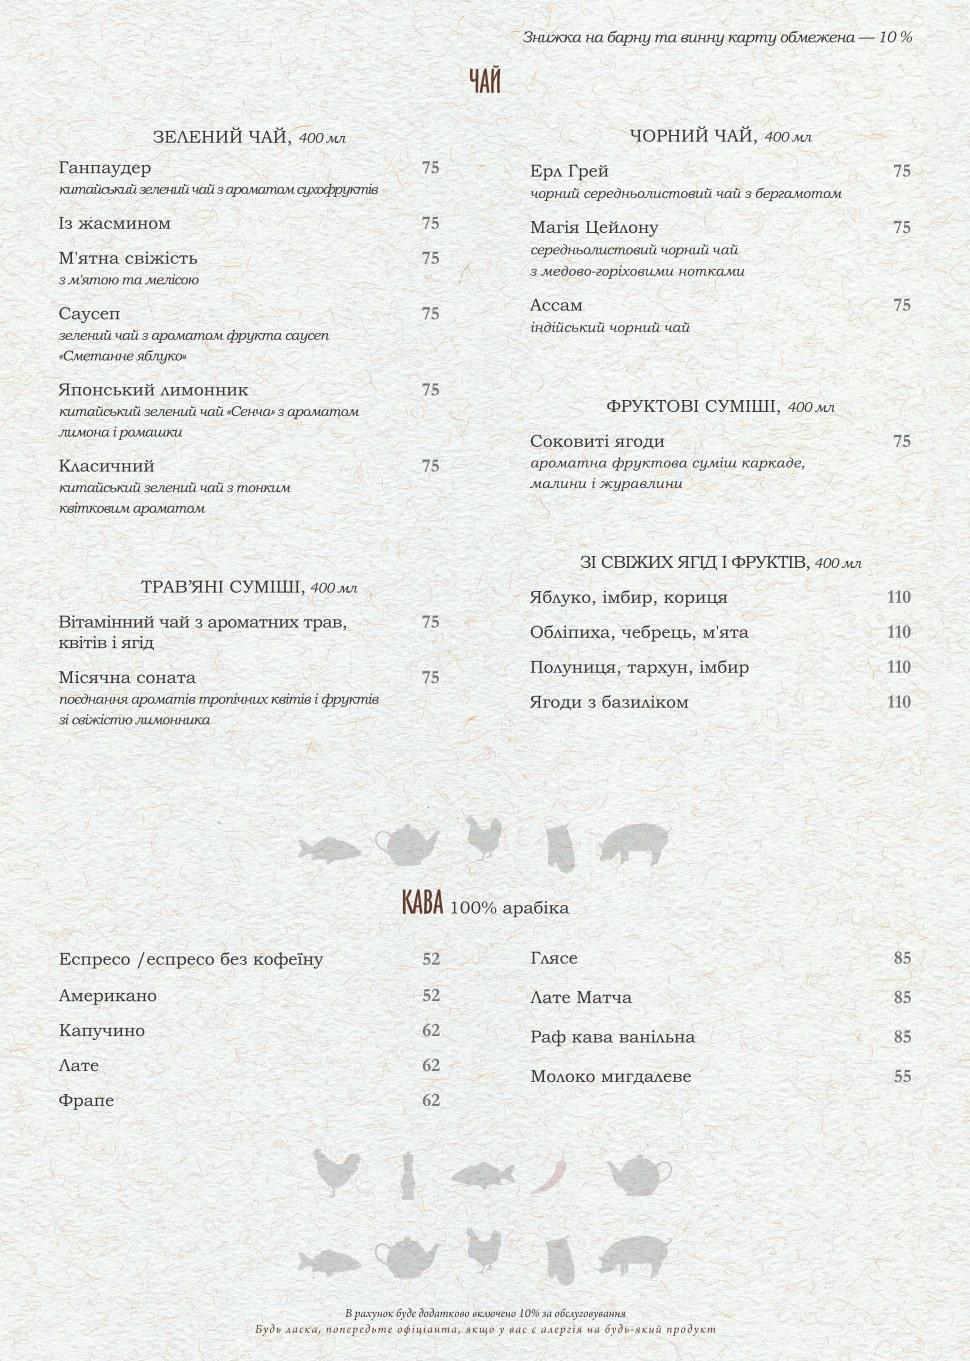 Основное меню - ресторана PERETS